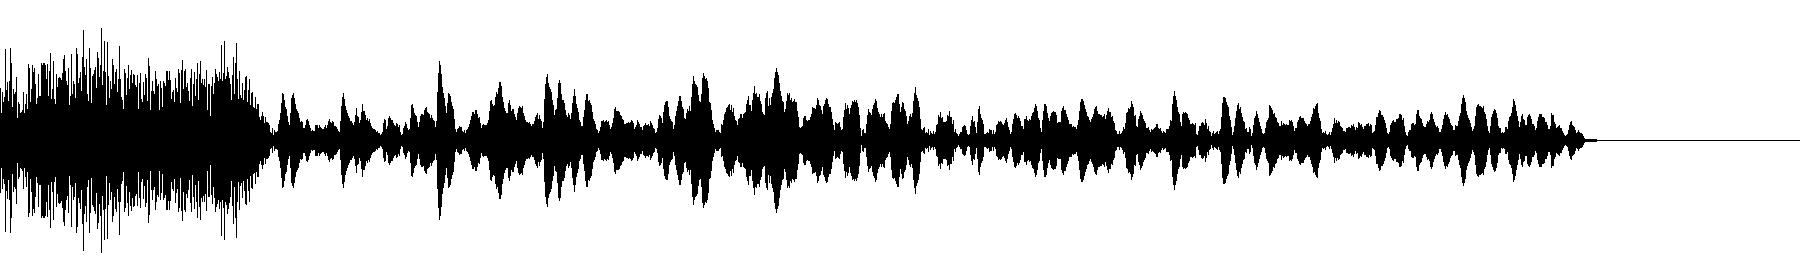 bluezone orbit sound 015